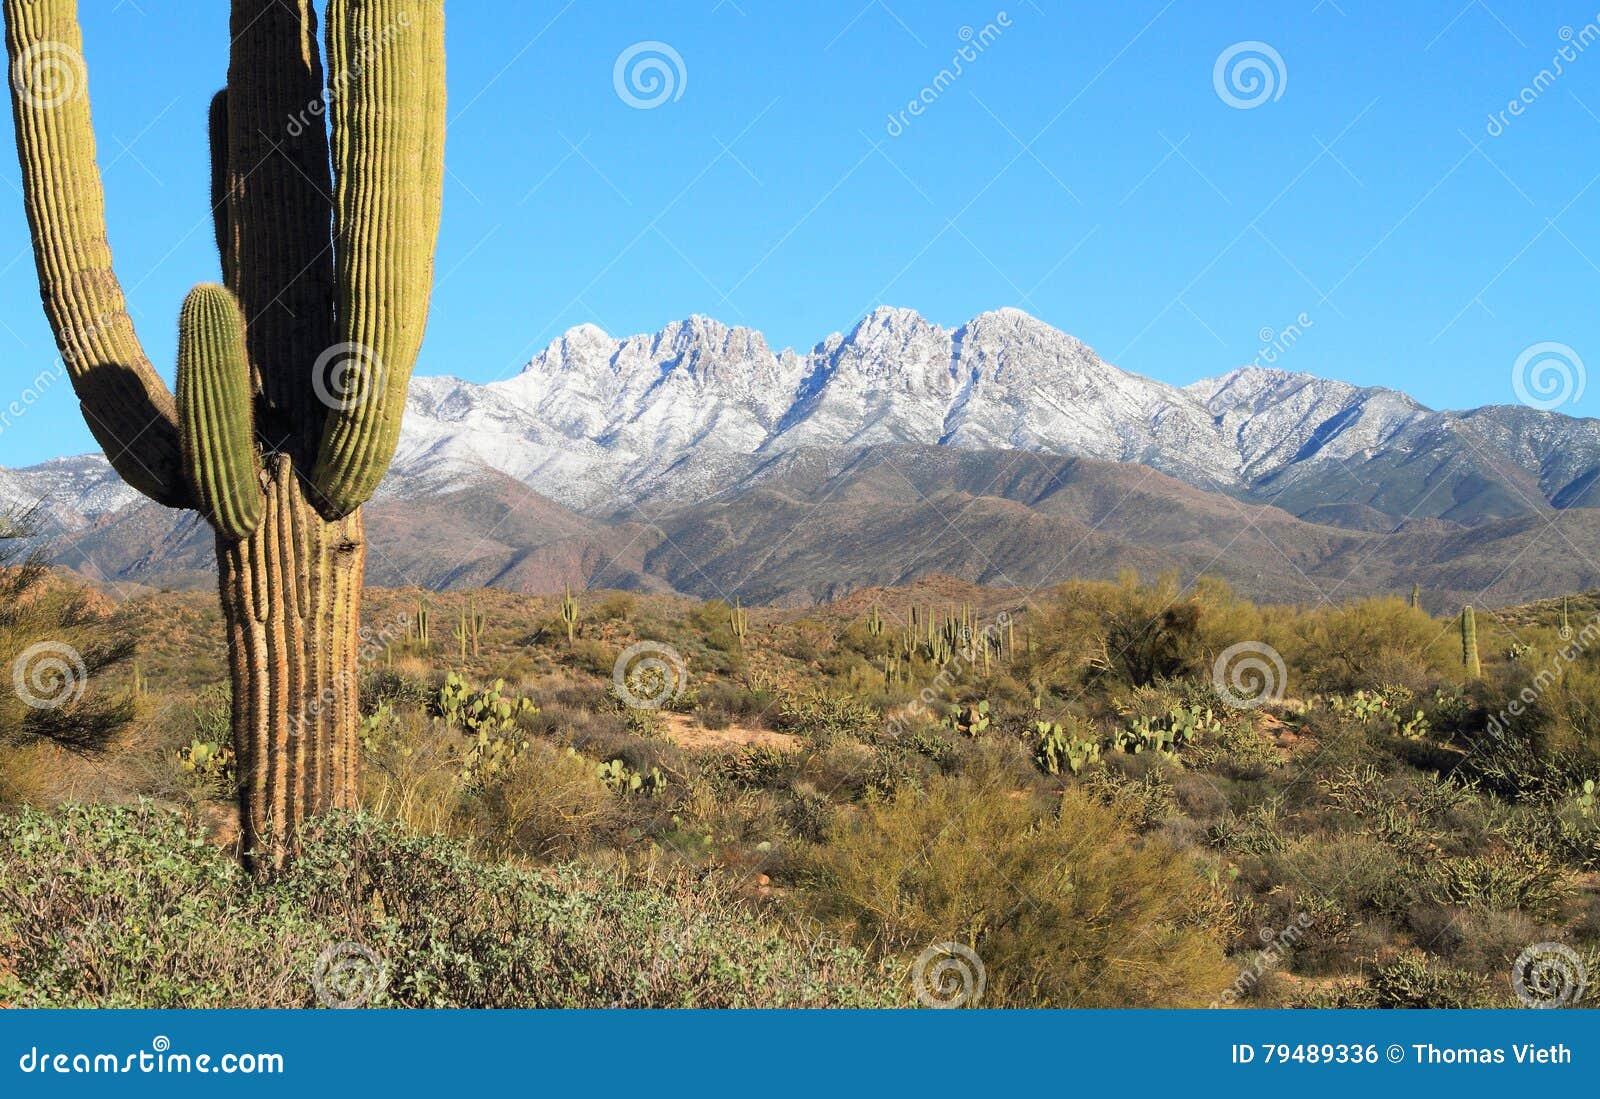 美国,亚利桑那:下雪在四个峰顶/冬天在Sonoran沙漠